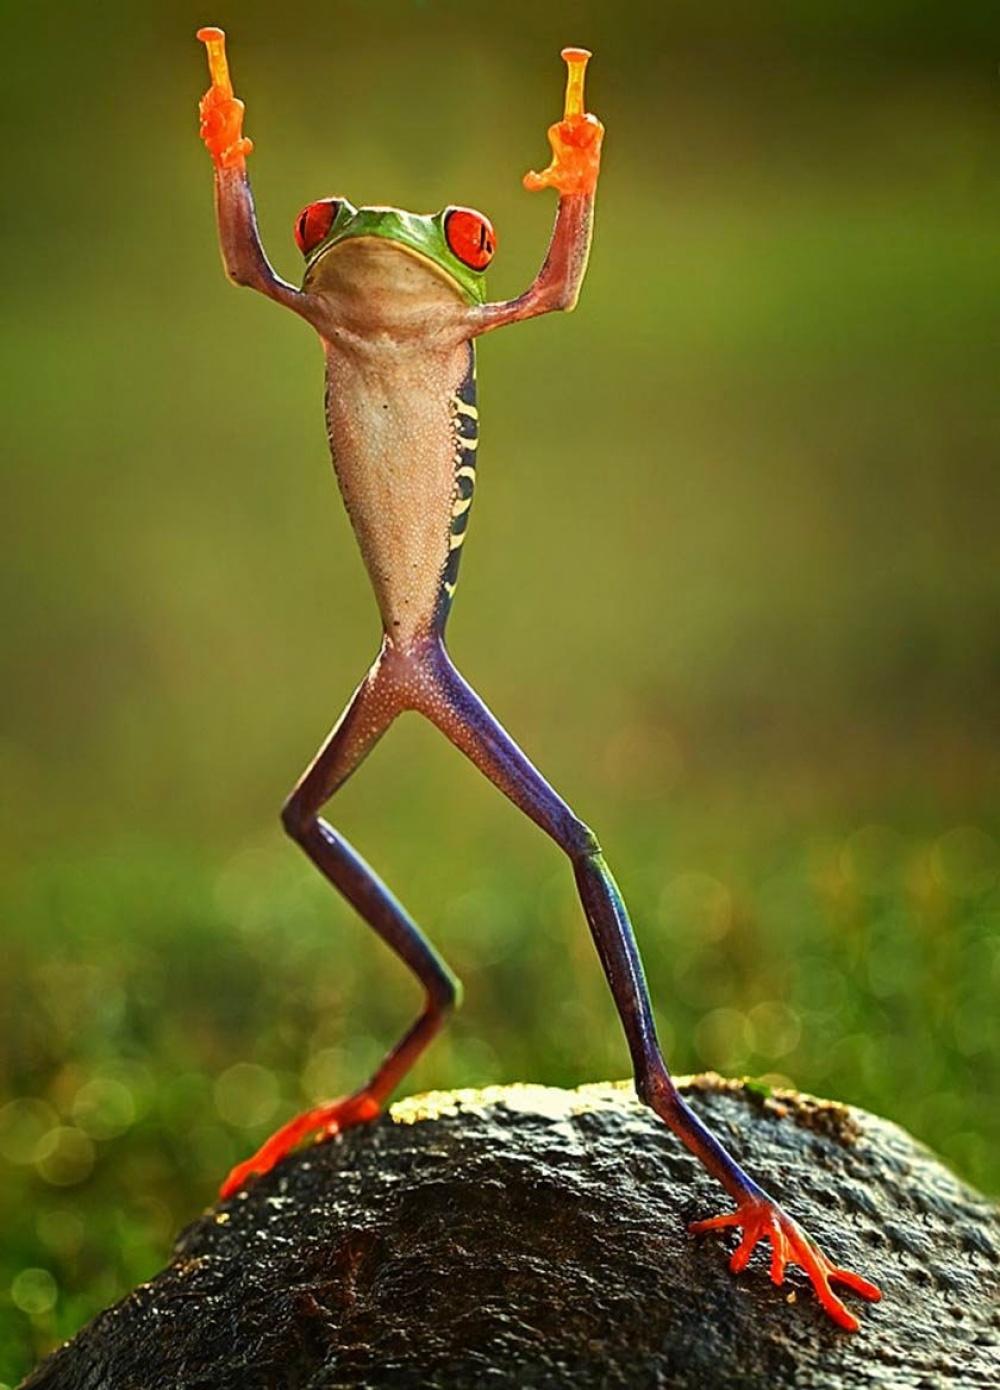 11405-0ashikhei-goh-of-indonesia-frog-flipping-the-double-bird-not-photoshopped-771676-1000-8358b5af44-1475750867